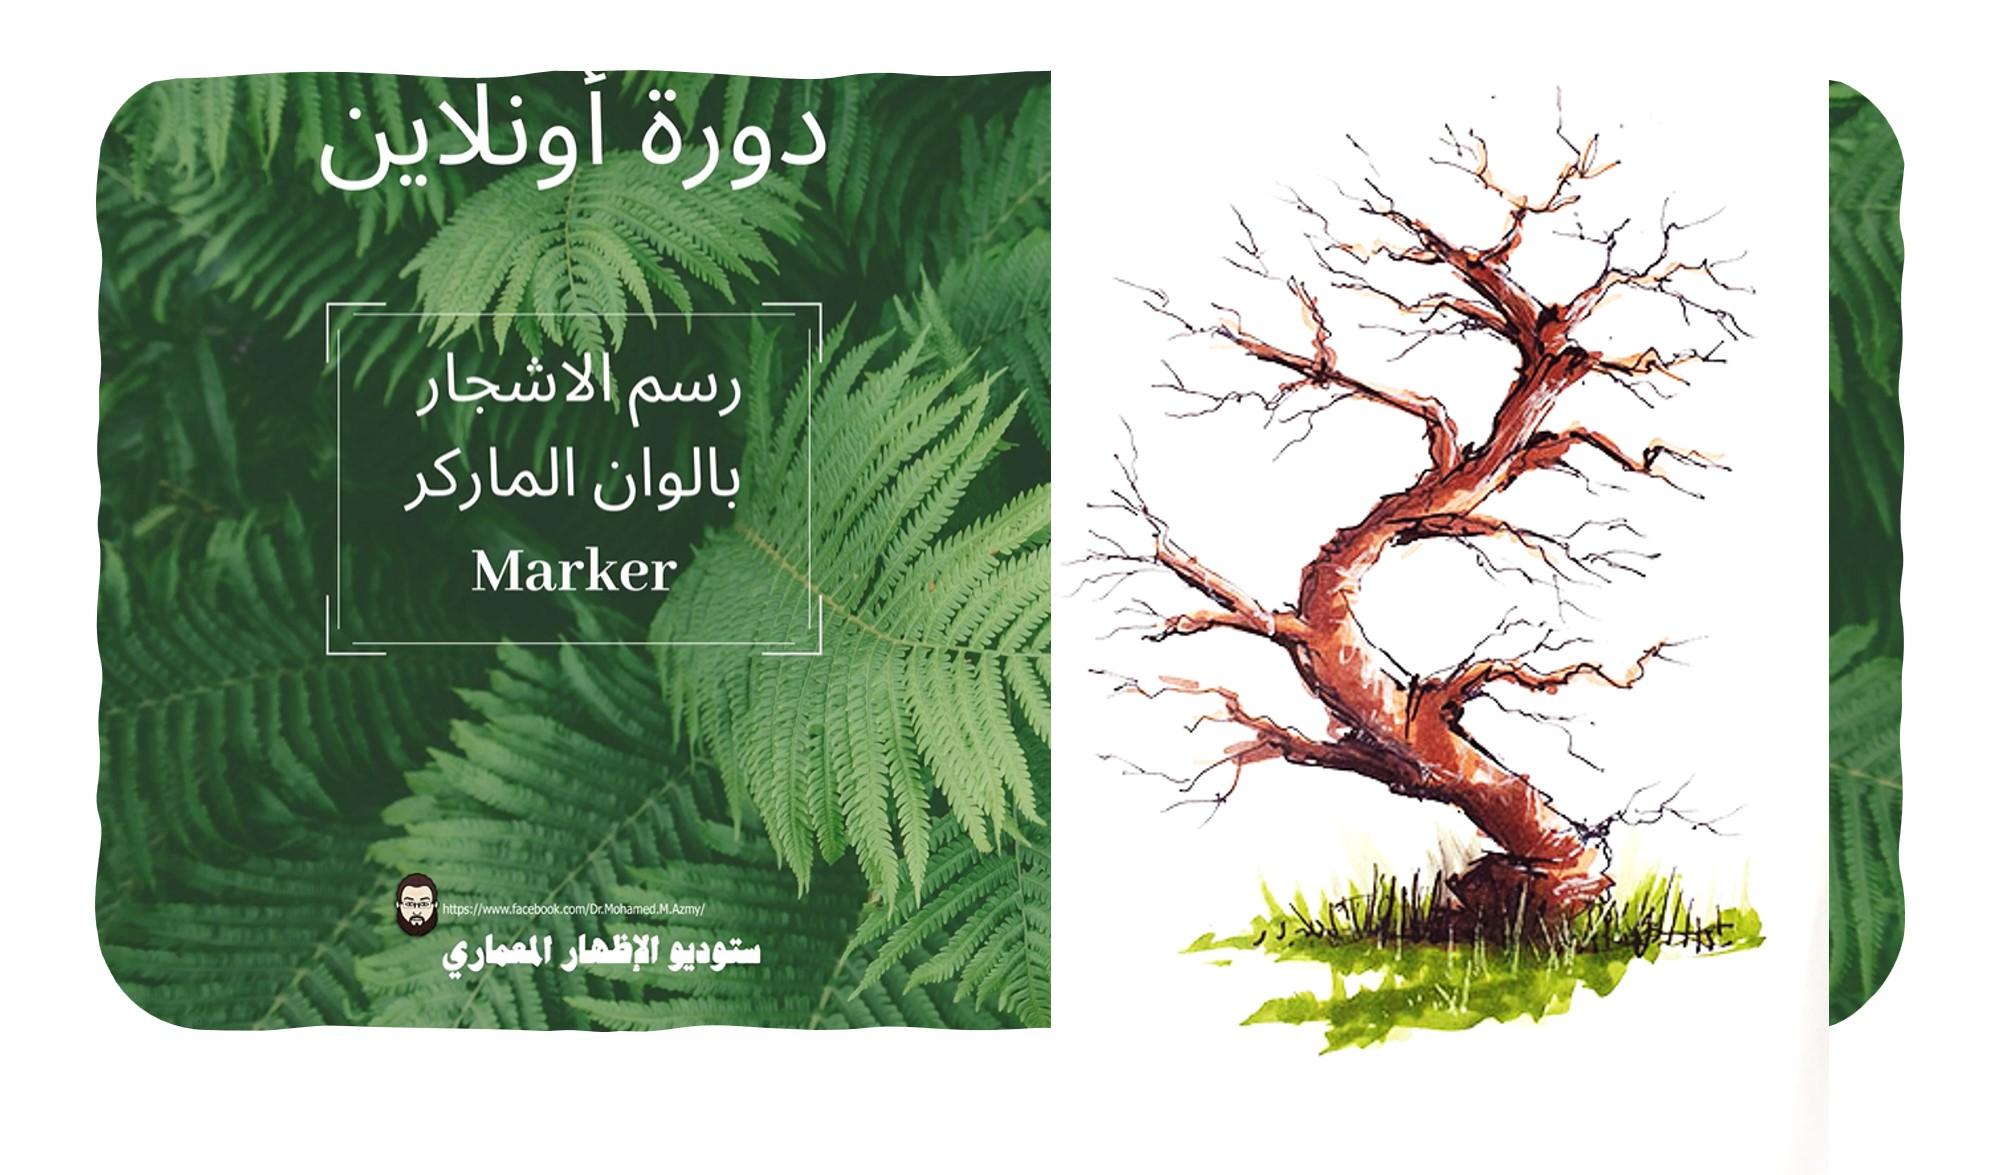 احتراف رسم الأشجار بألوان الماركر